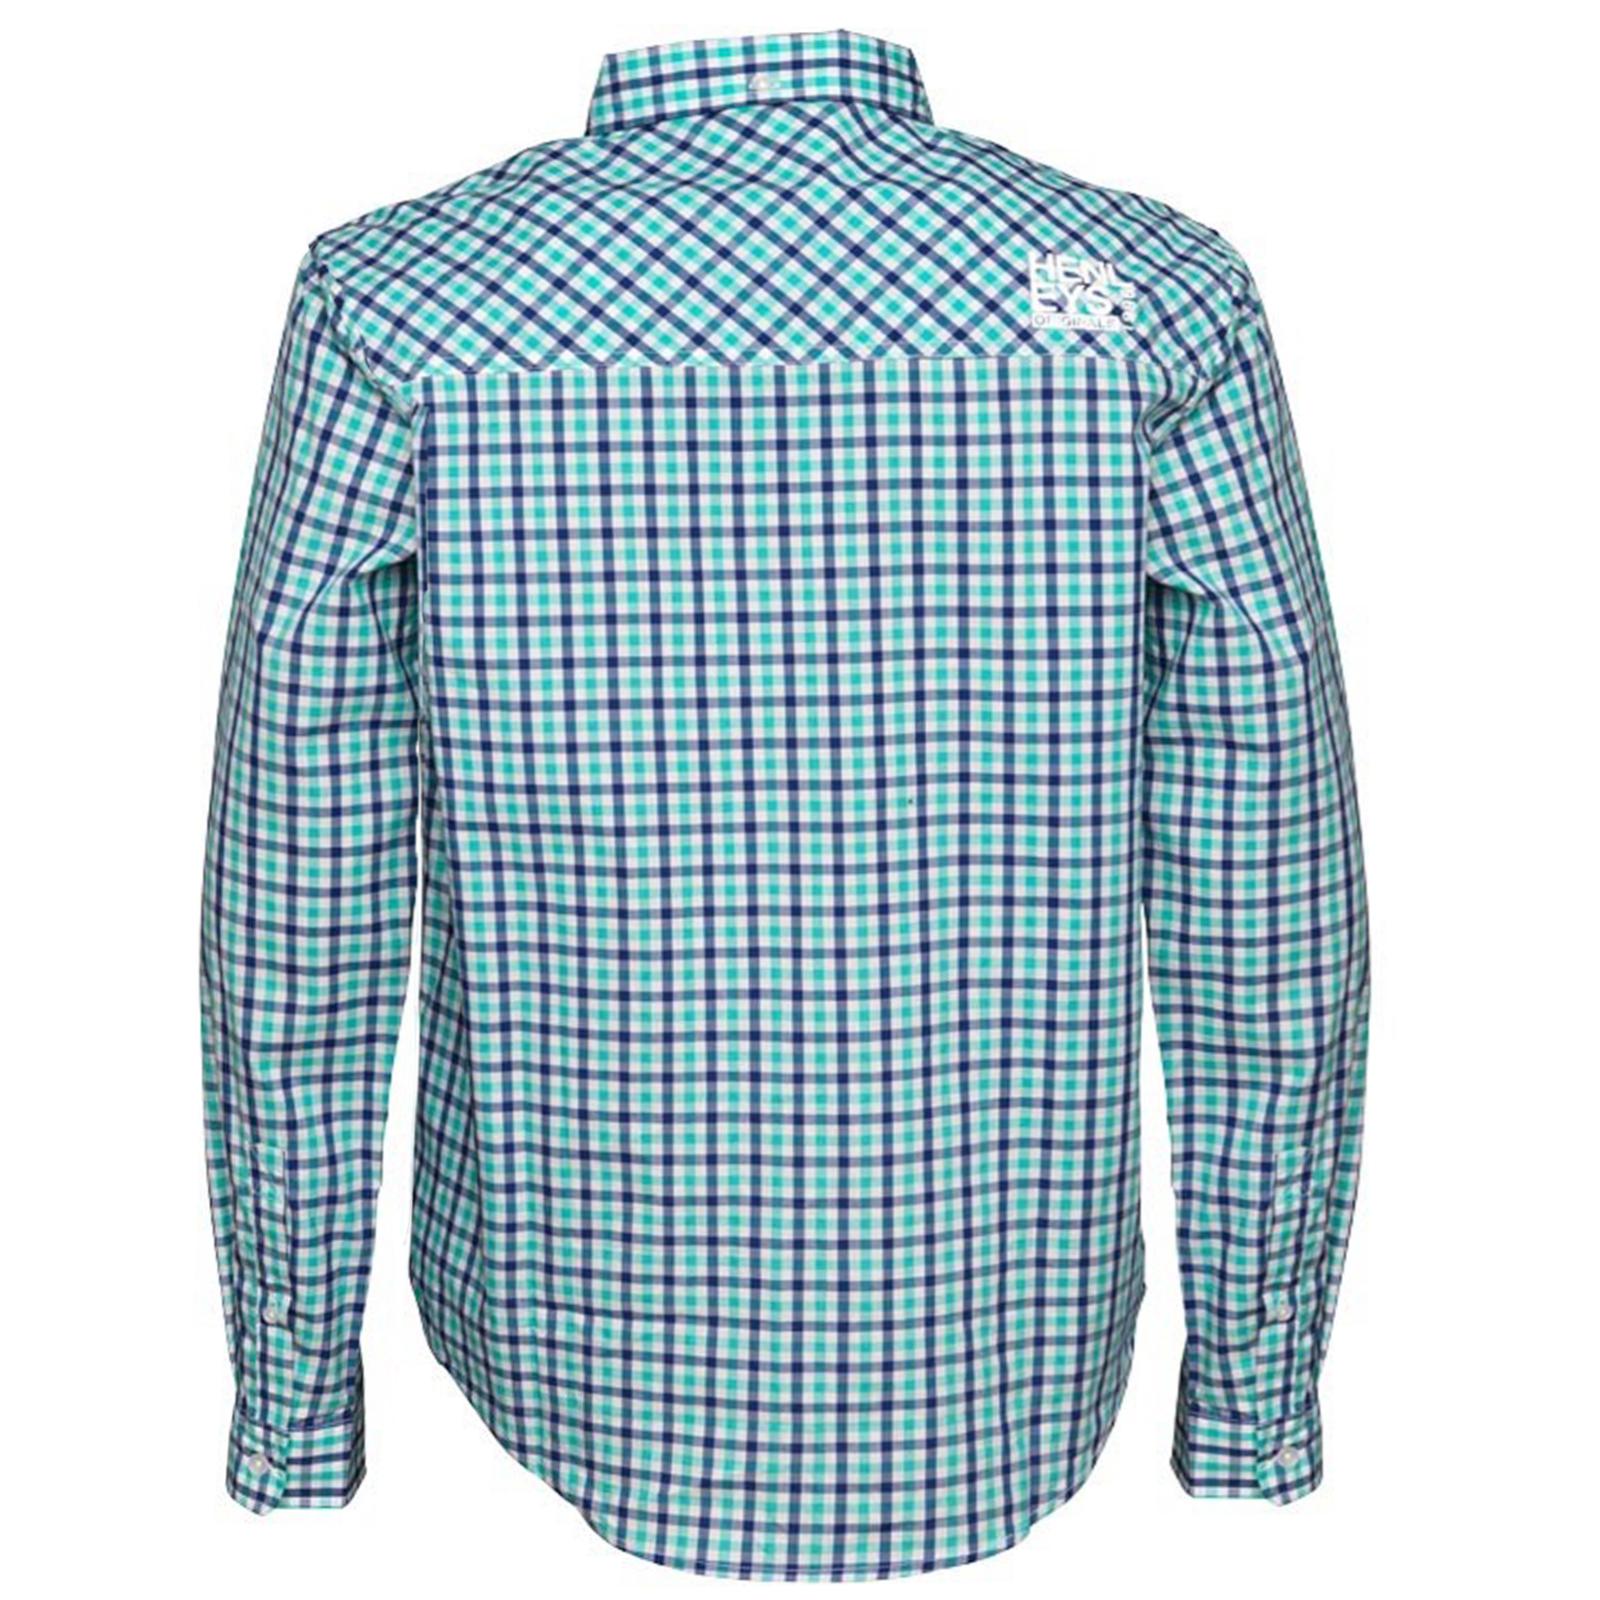 Henleys-homme-designer-classique-oxford-plain-ou-vichy-carreaux-manches-longues-chemises miniature 3